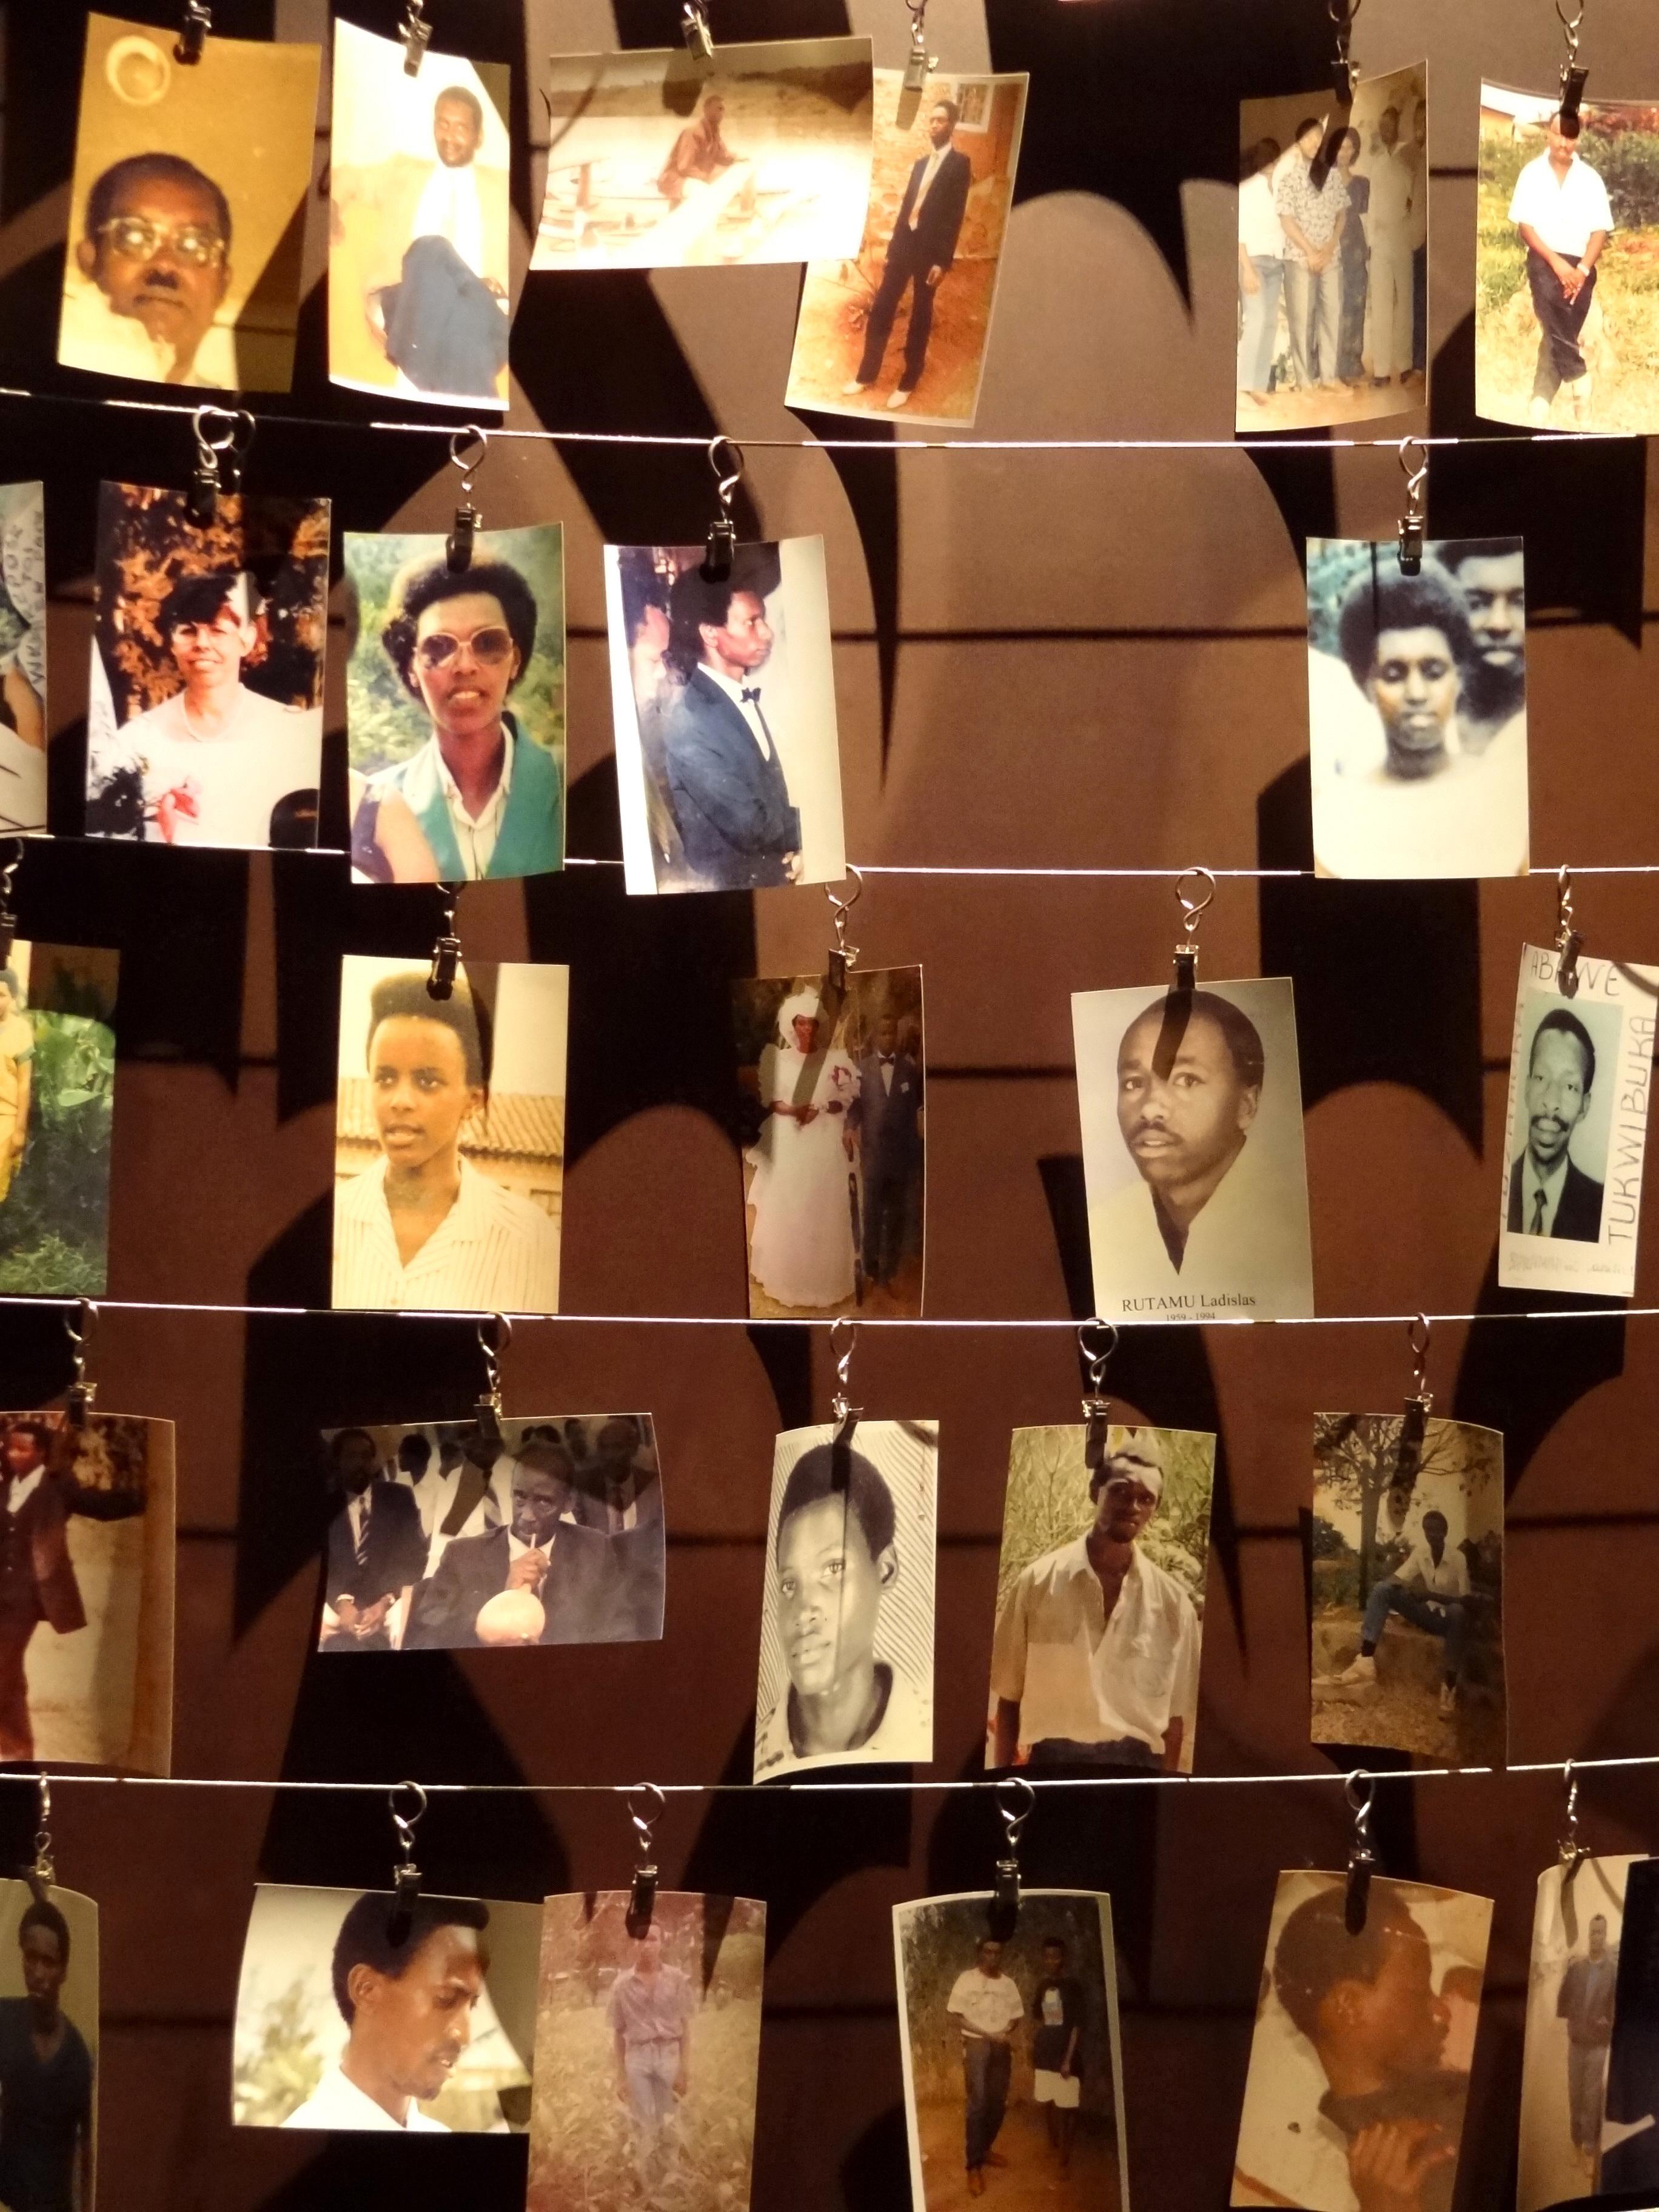 Всего за сто дней геноцида, с 6 апреля по 18 июля, были убиты до одного миллиона человек – примерно одна шестая часть населения страны